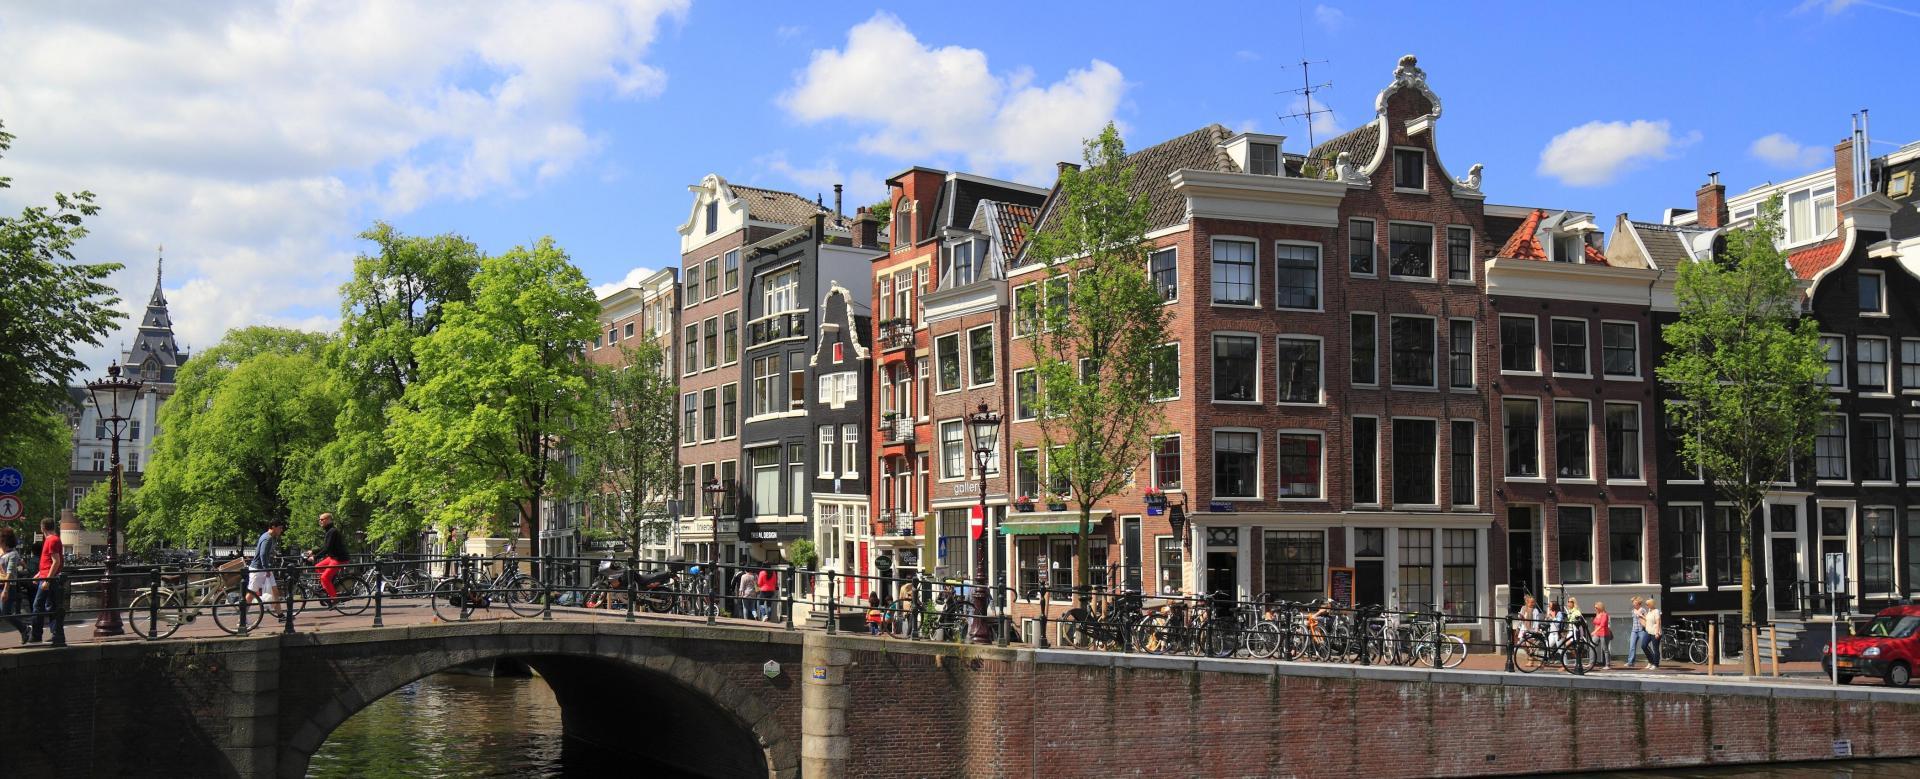 Voyage en véhicule Pays-Bas : Les merveilles de hollande à vélo